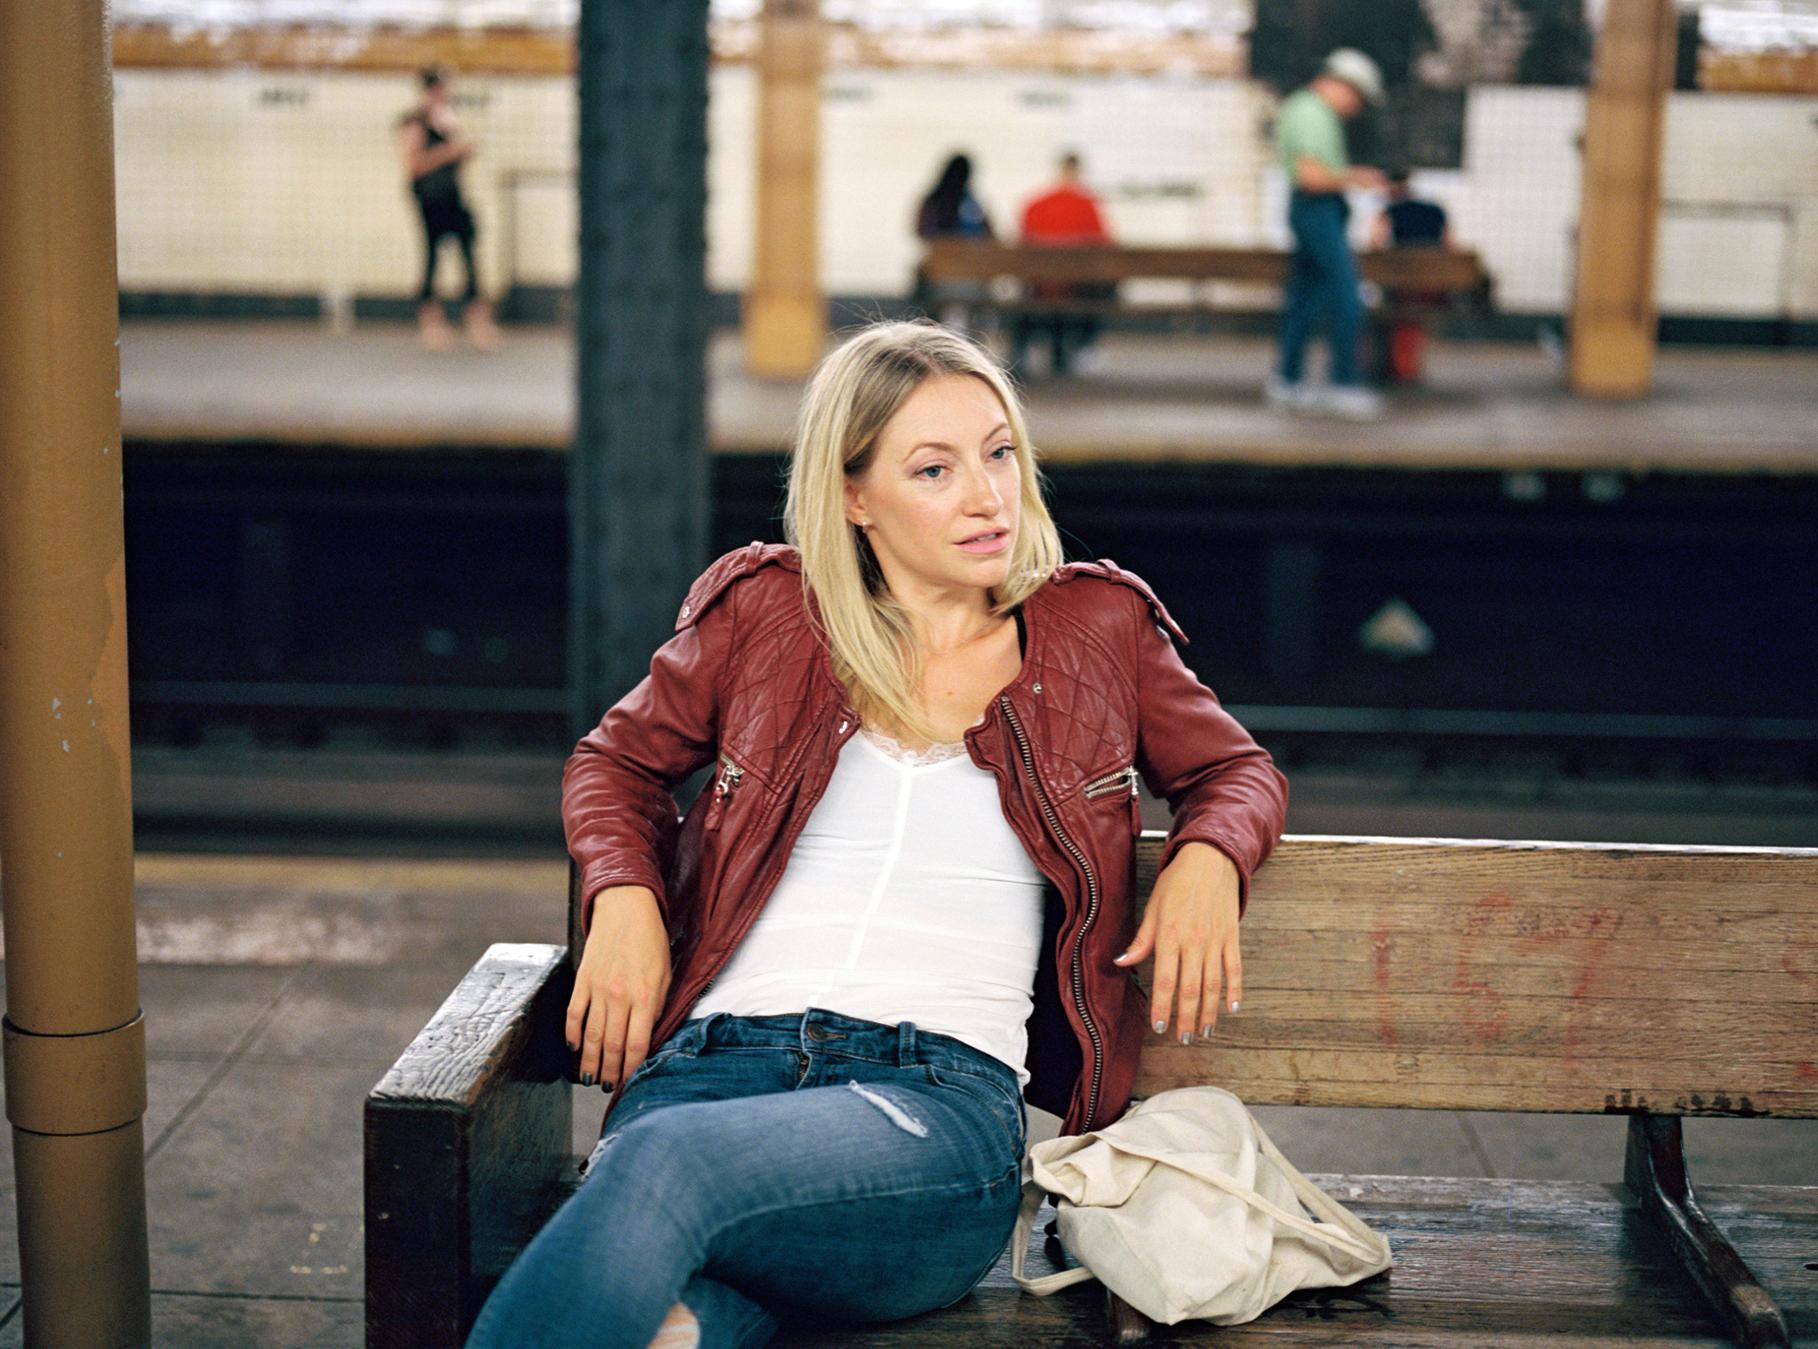 @LaurenEliotPhotography